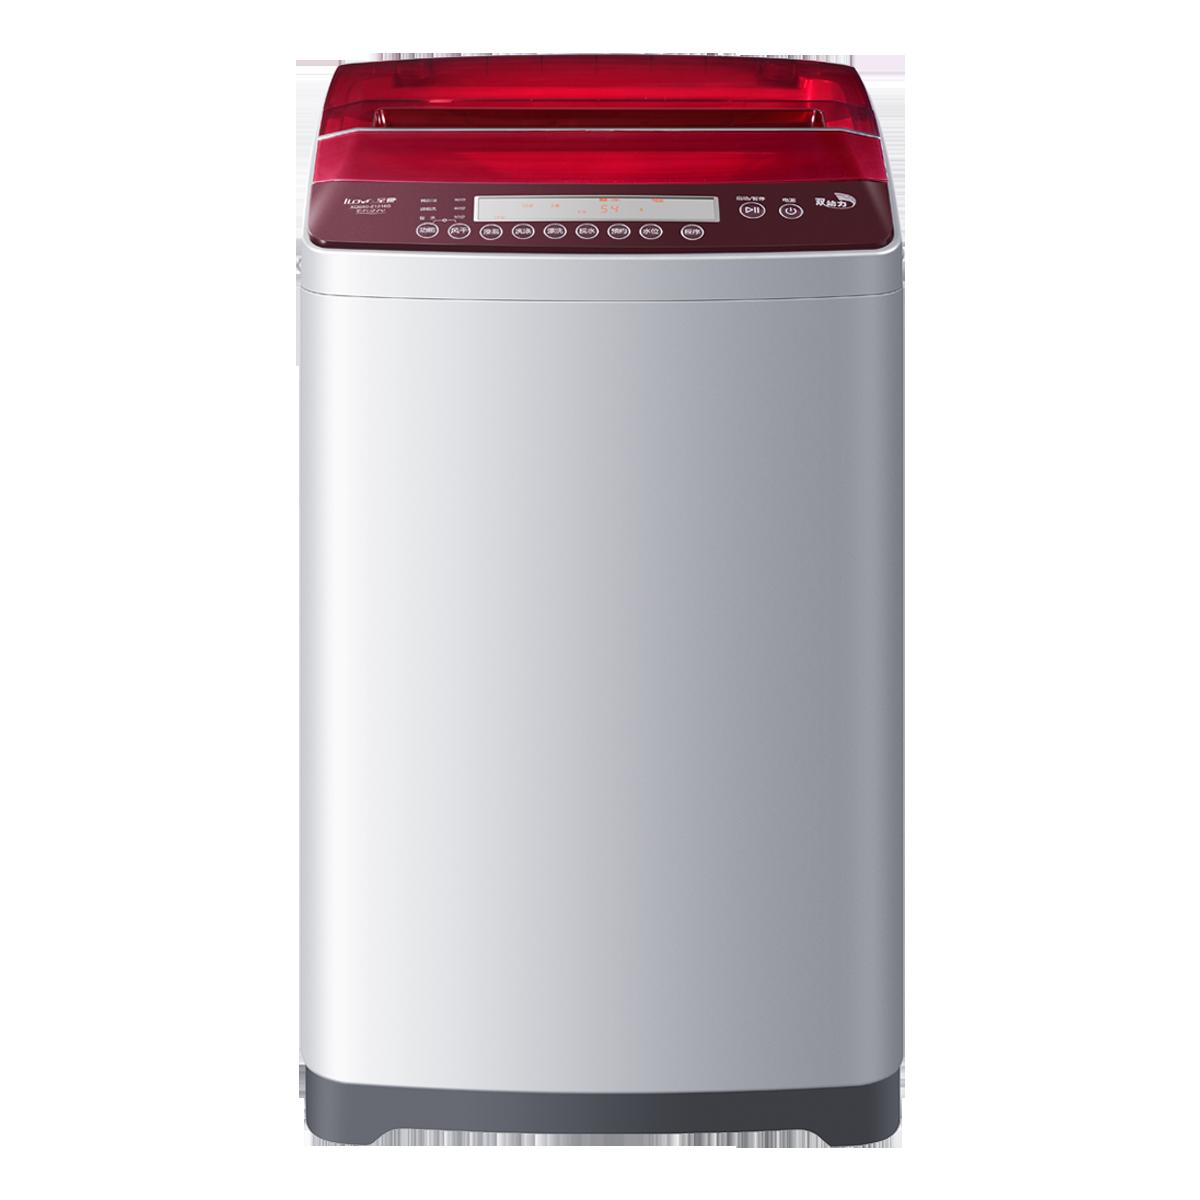 海尔Haier洗衣机 XQS60-Z1216S 说明书